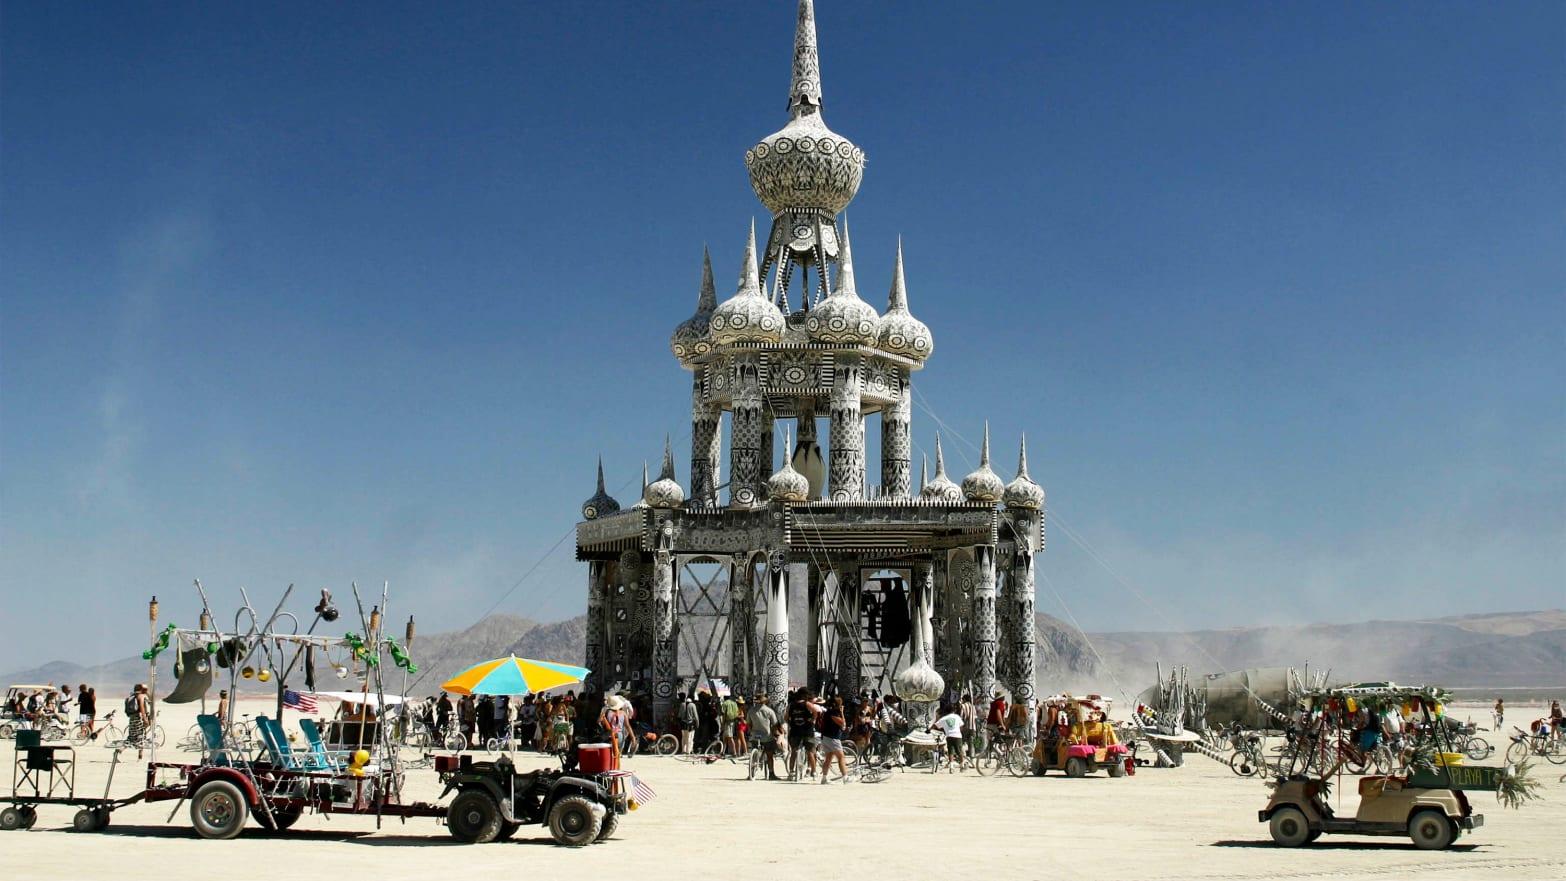 Burning Man Bans $100K Campers After Exploding Toilets